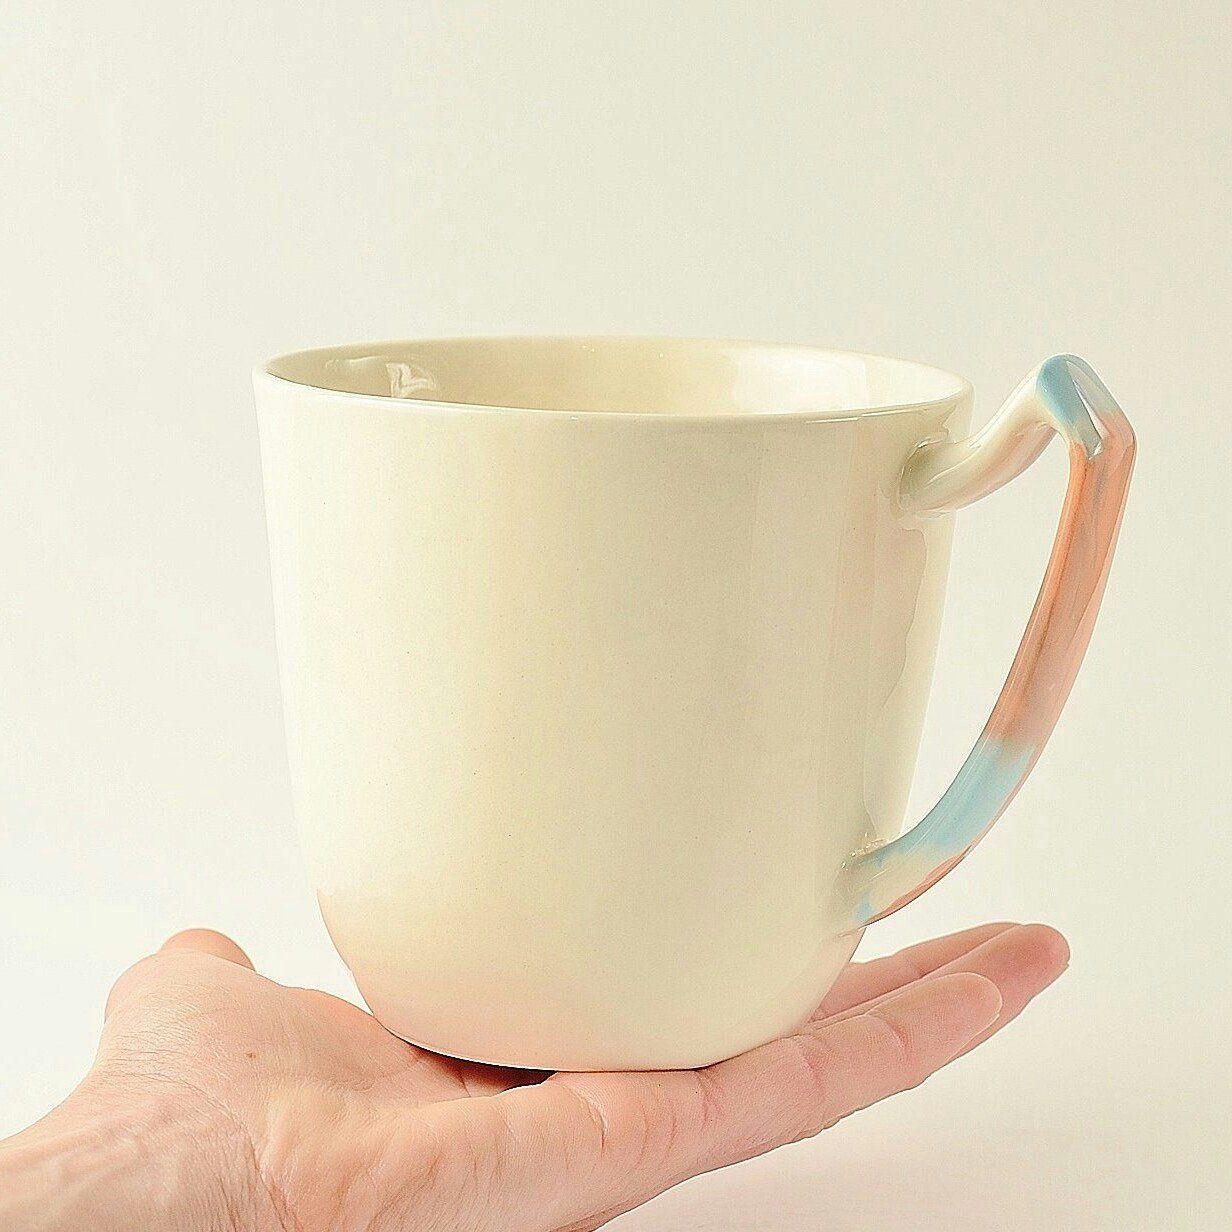 ceramic cup for tea